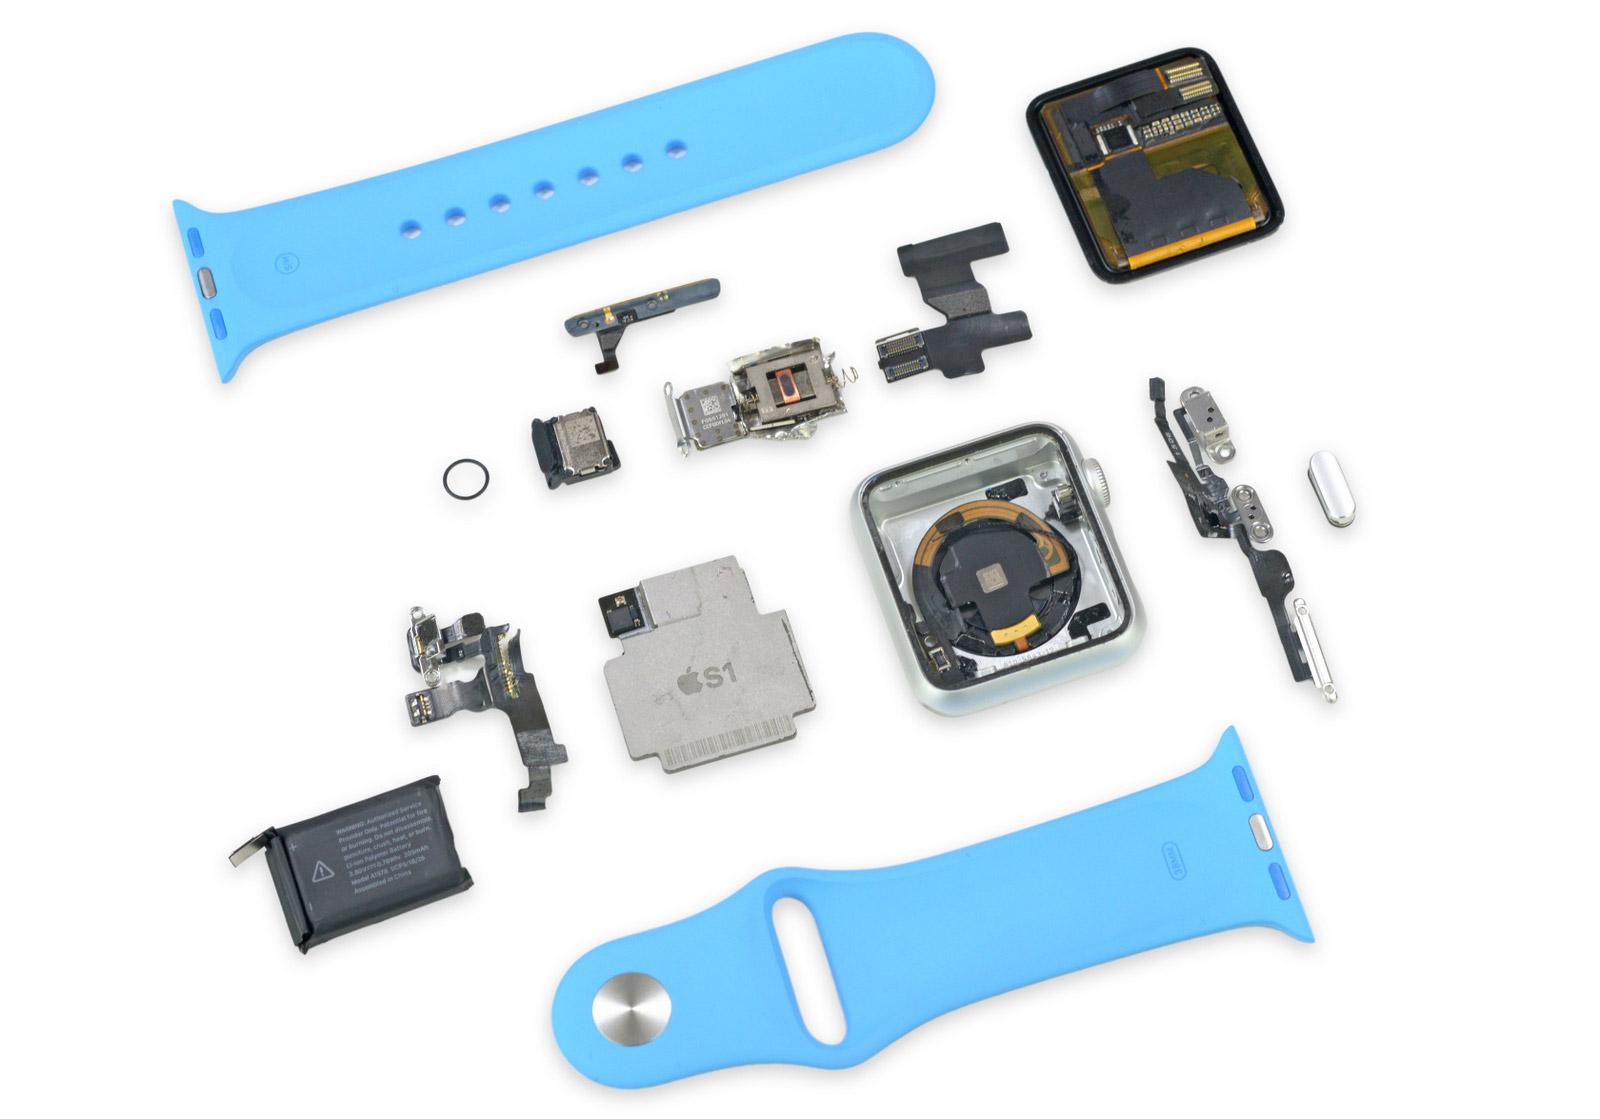 L'Apple Watch entièrement désassemblée (Photo : iFixit).